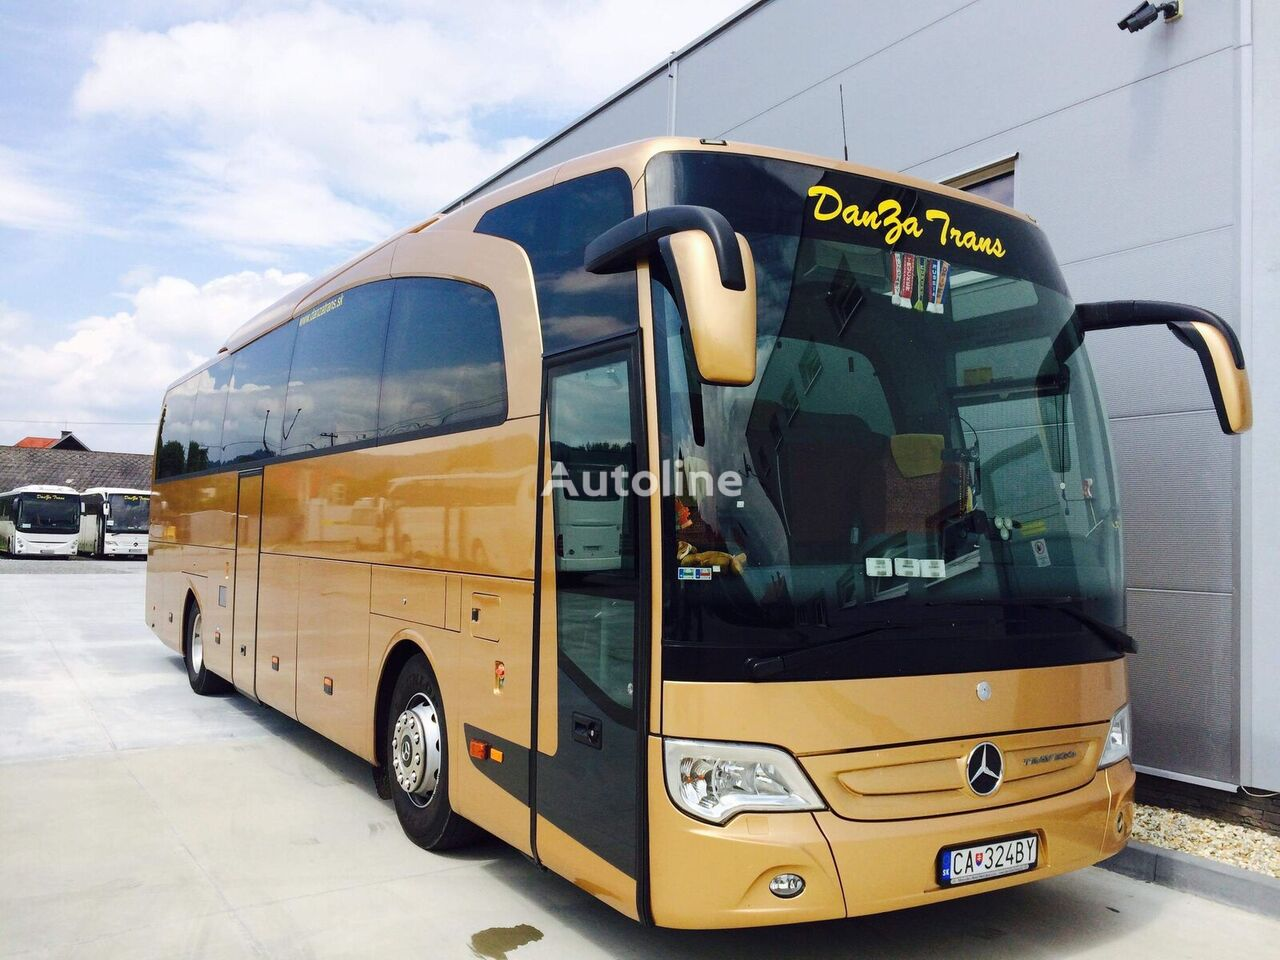 MERCEDES-BENZ Travego 15 coach bus